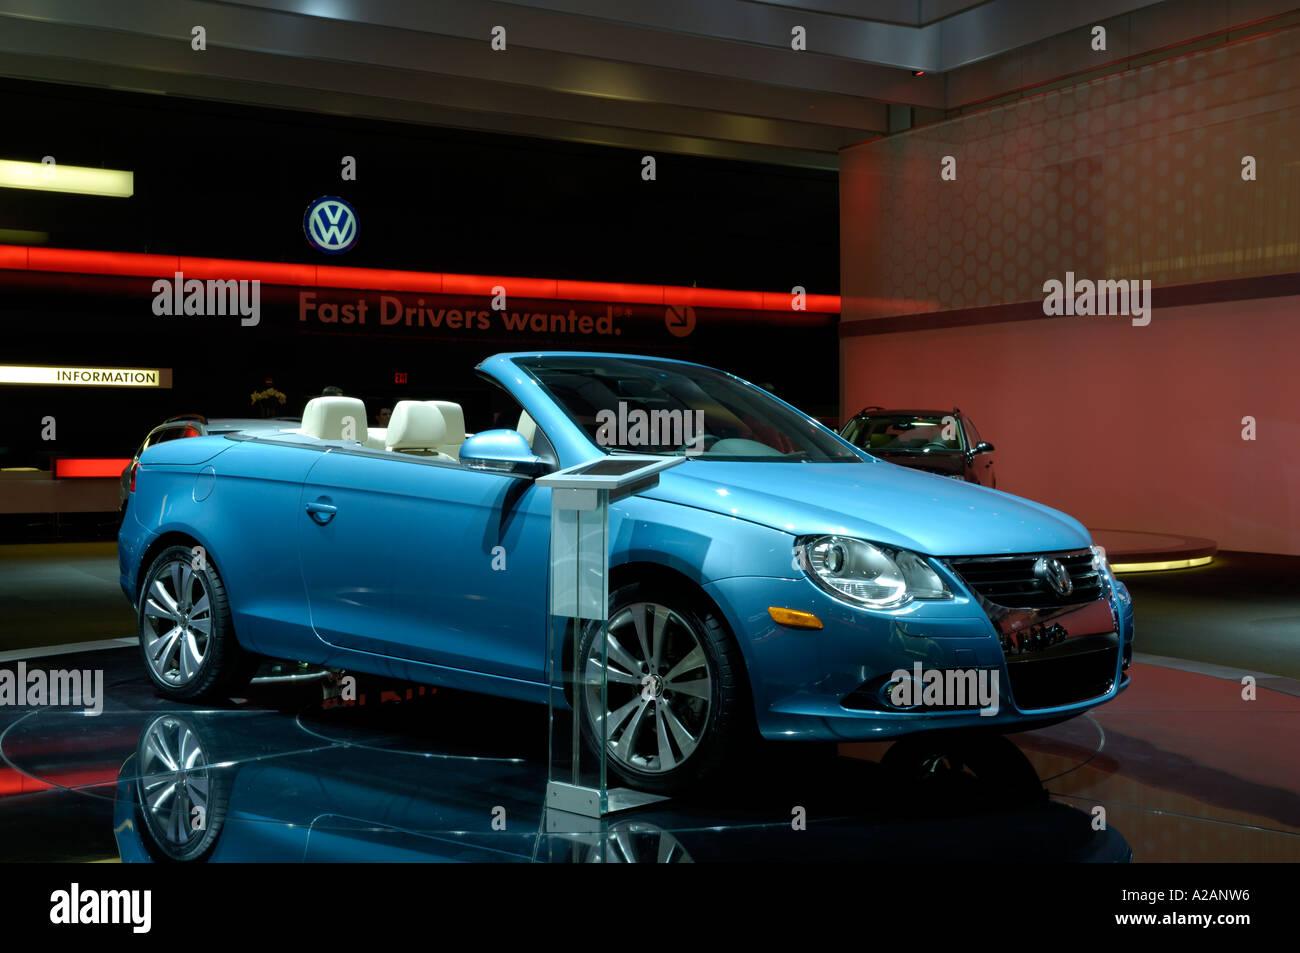 Blue Volkswagen Eos Convertible Stock Photos Blue Volkswagen Eos - Eos car show